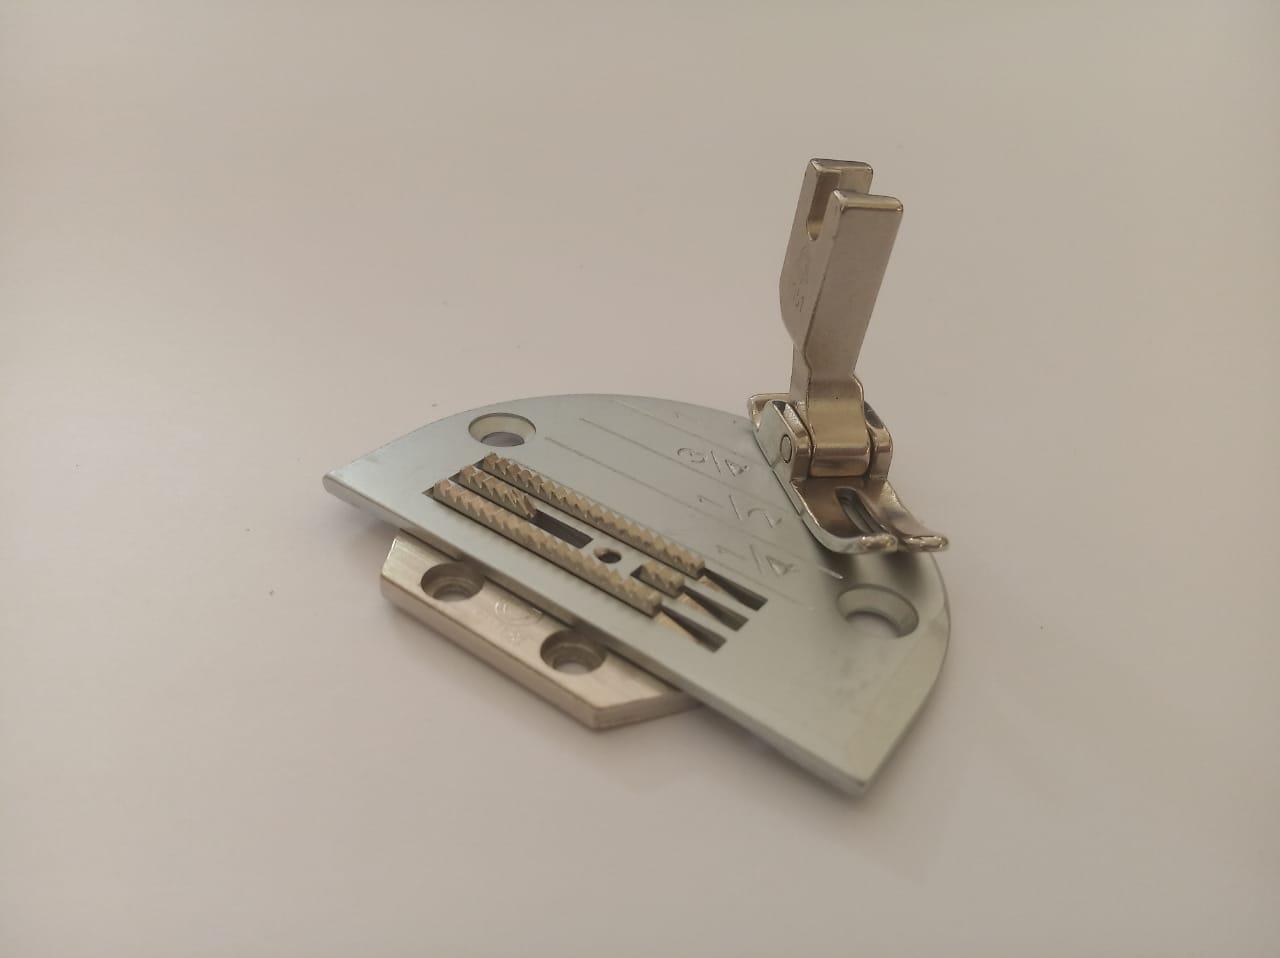 Conjunto Reta, Chapa Dente e Calcador 4 Carreiras Alongado c/ Rebaixo